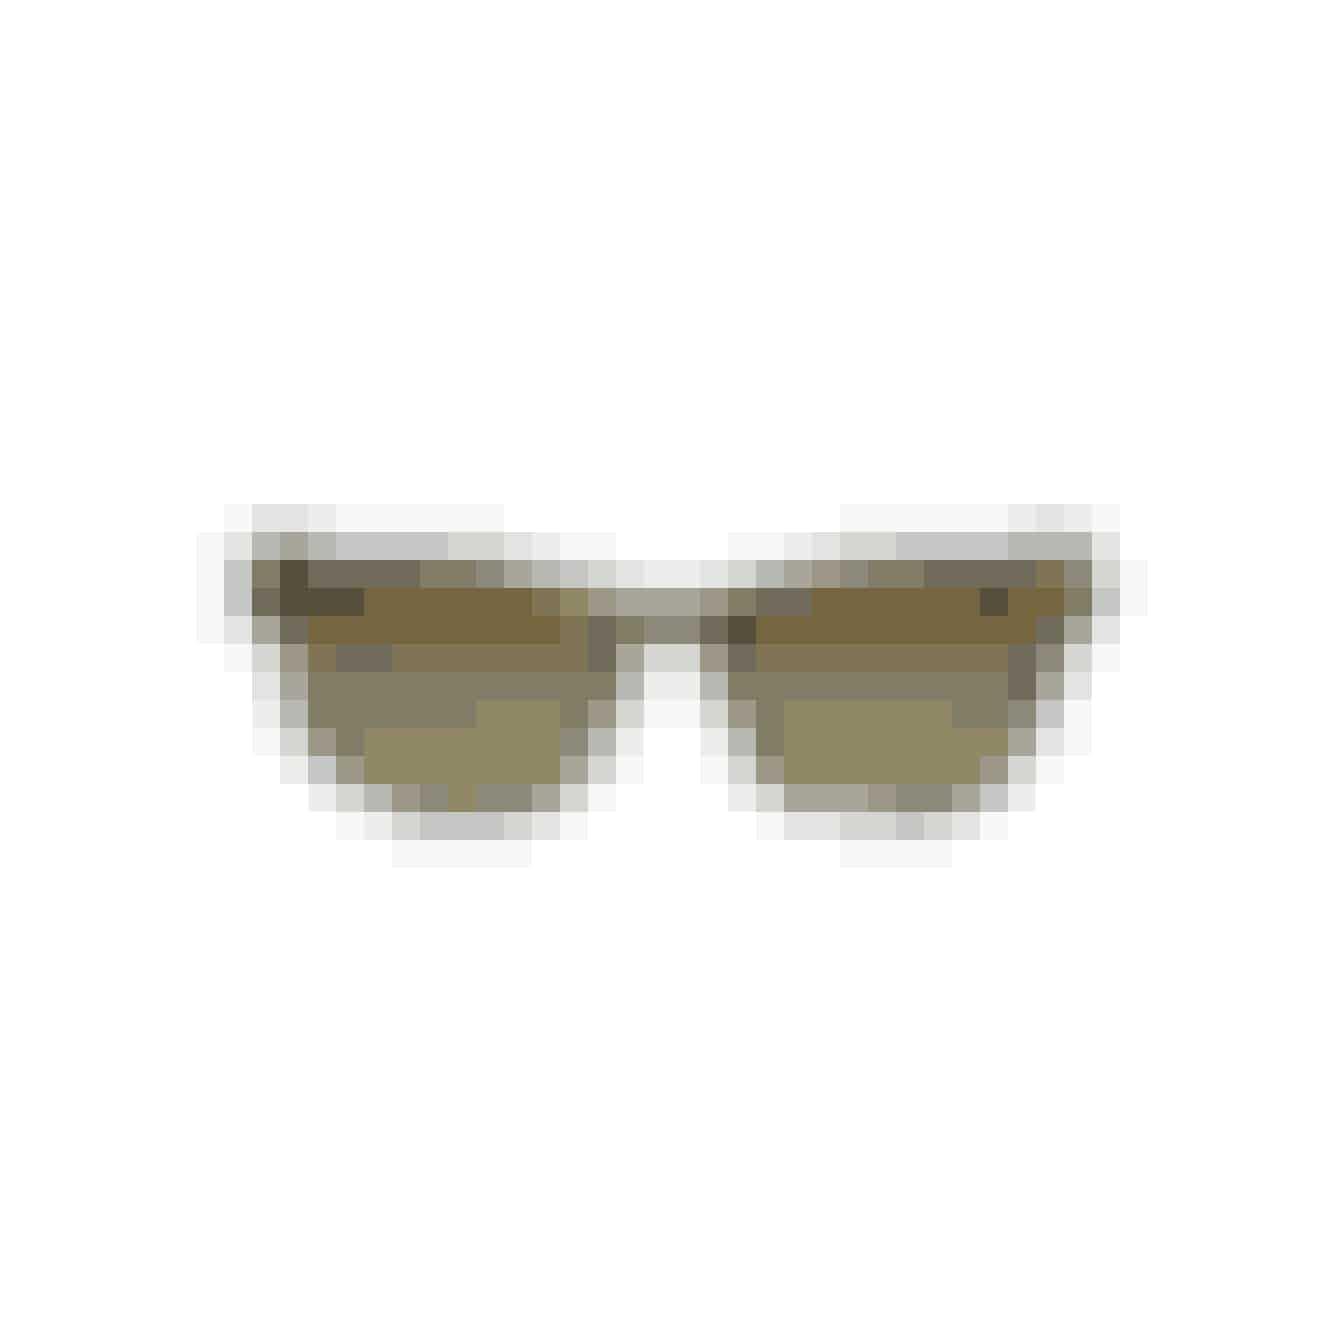 Smalle solbrillerDette forår må dine solbriller gerne være smalle(re). Hvis du ikke er helt klar til at lægge de elskede store diva-briller på hylden så find et par overgangsbriller, så du gradvist trapper ned.Maui Jim Ka'a Point hos Poul Stig, 2050 kr.